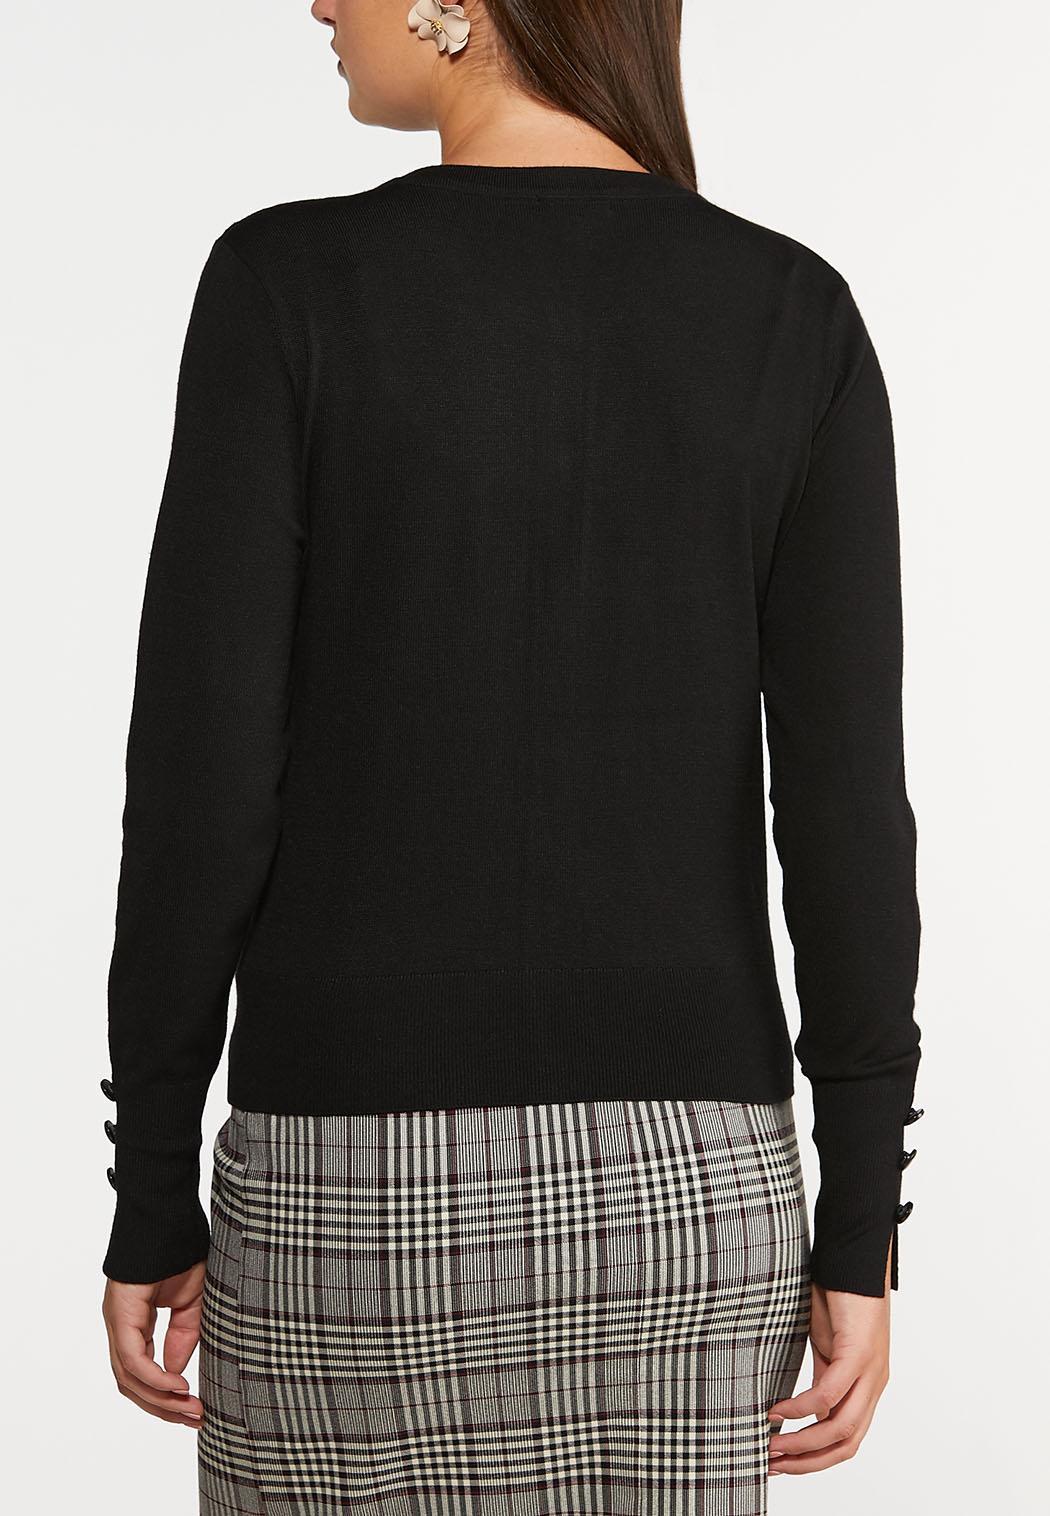 Classic Black Cardigan Sweater (Item #44357064)